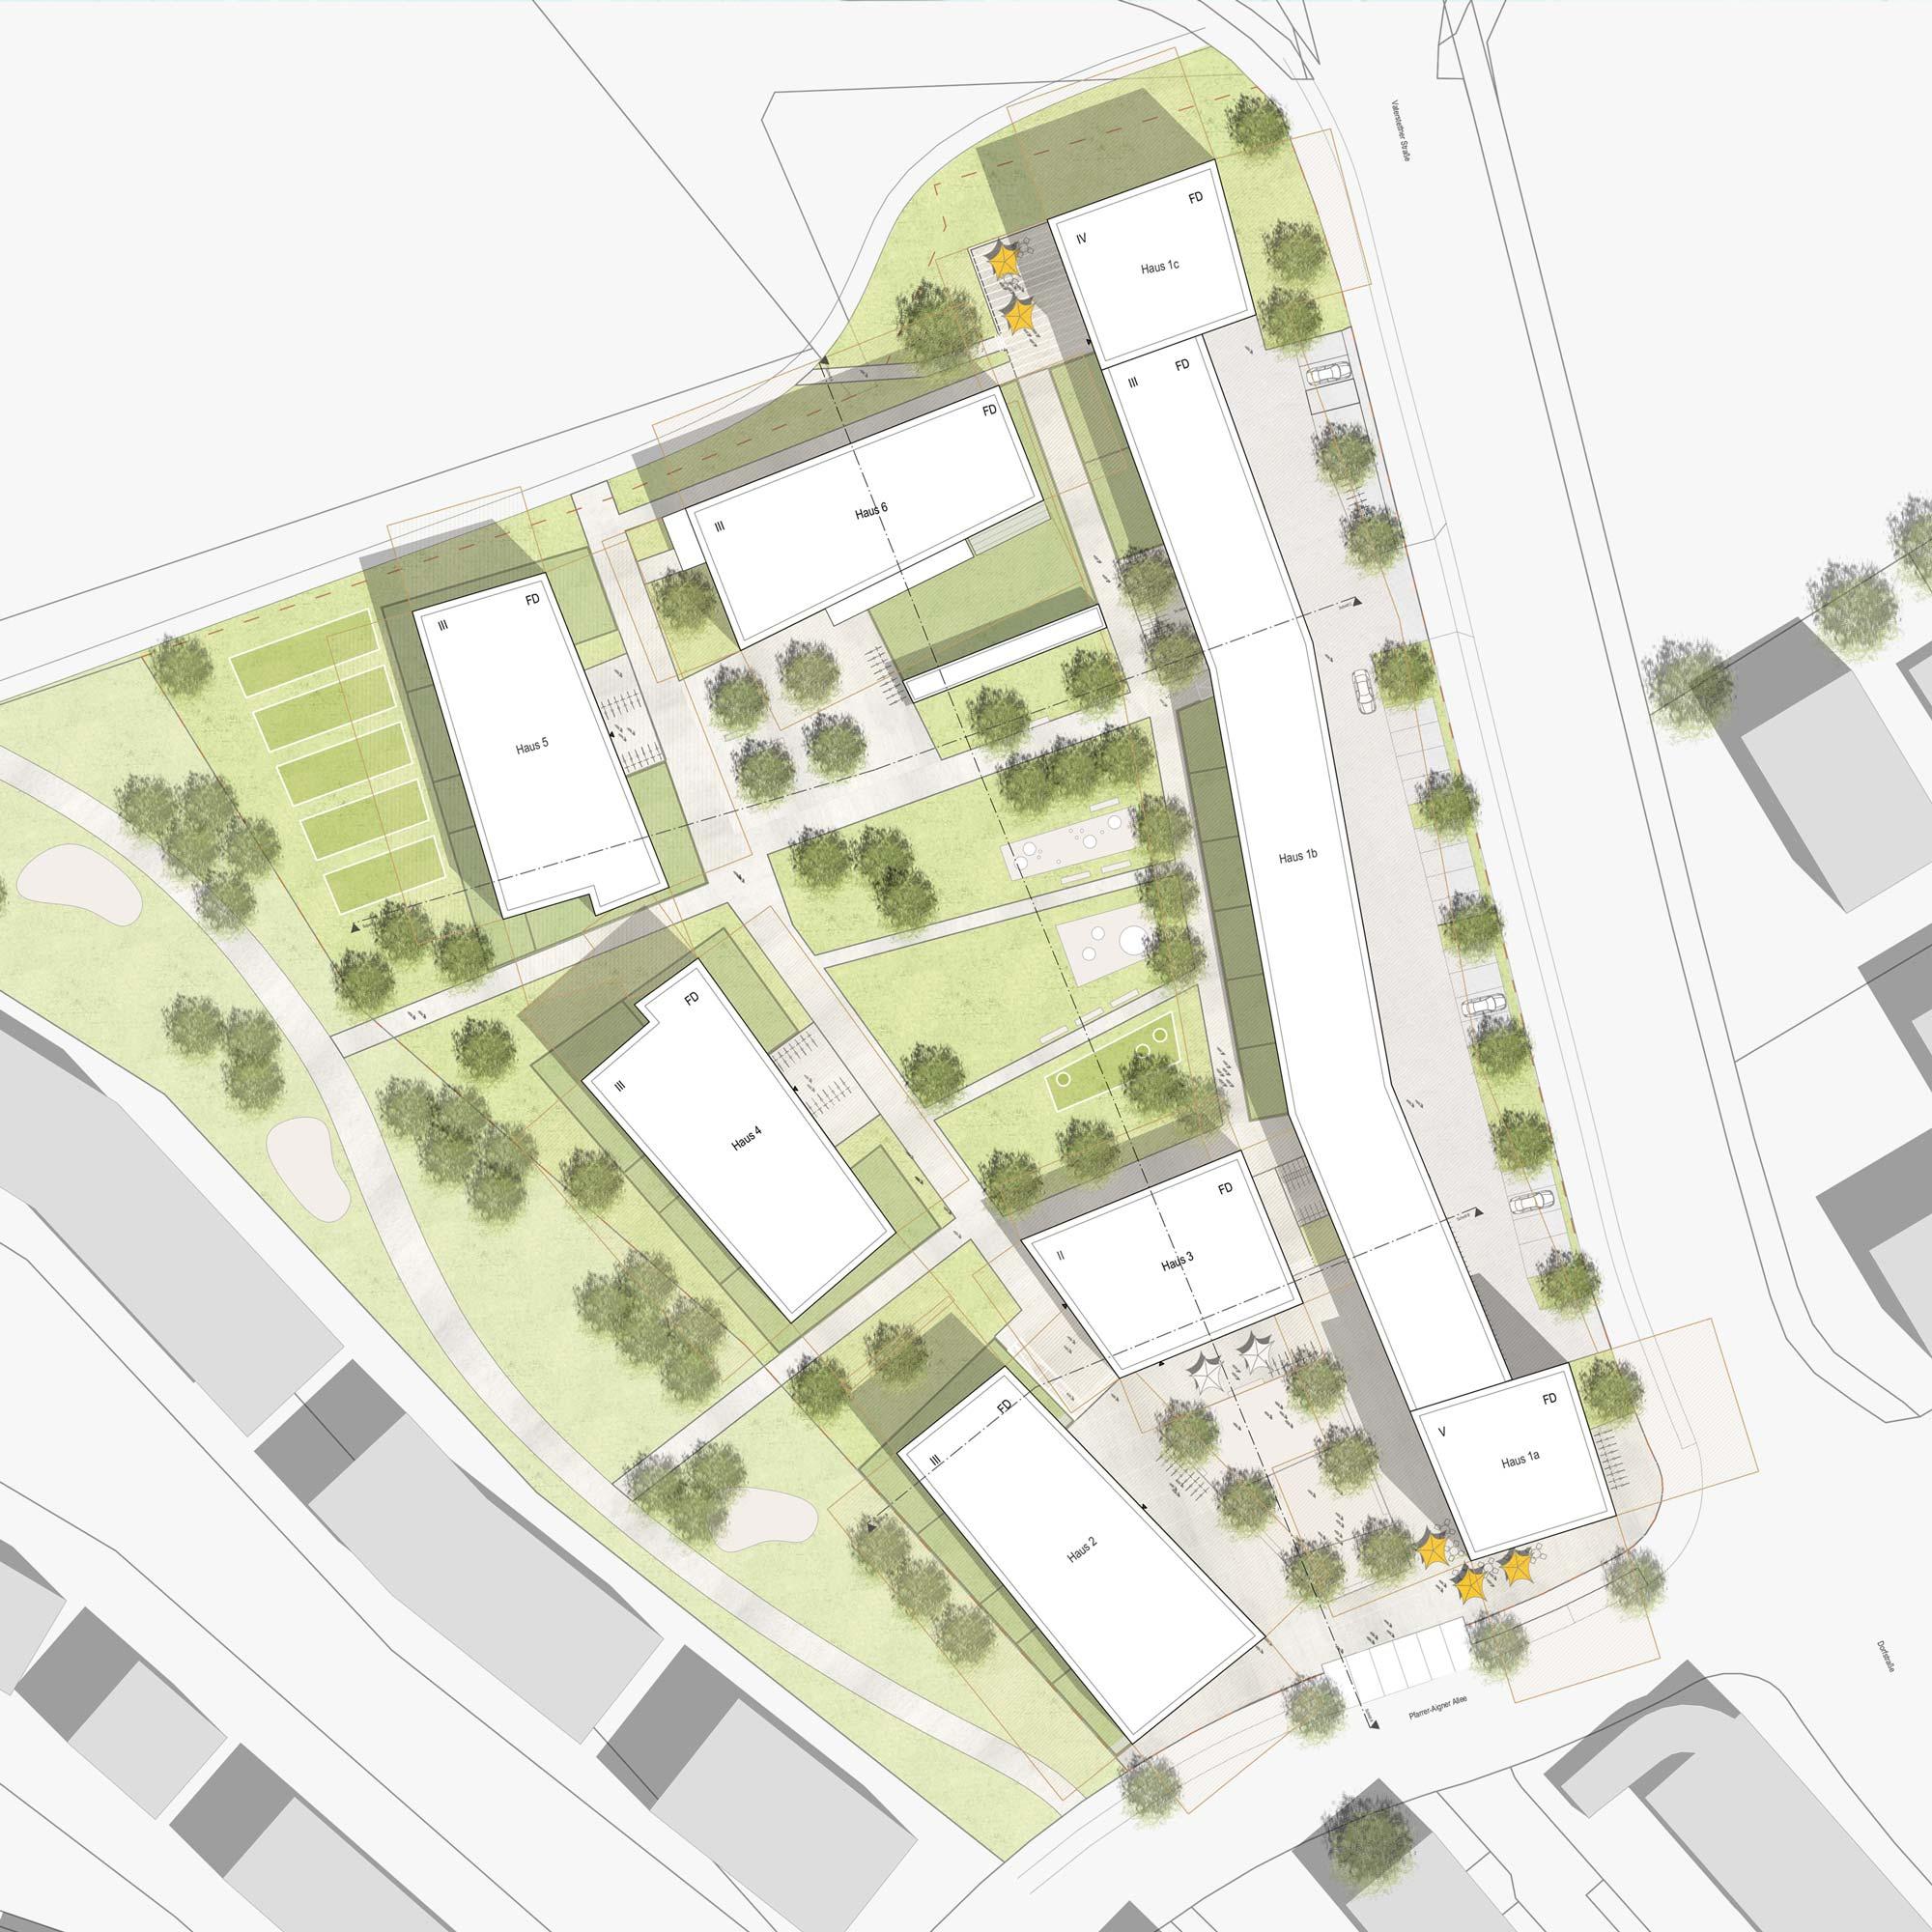 Wohnbebauung Nordwest Vaterstetten - Städtebau - Lageplan